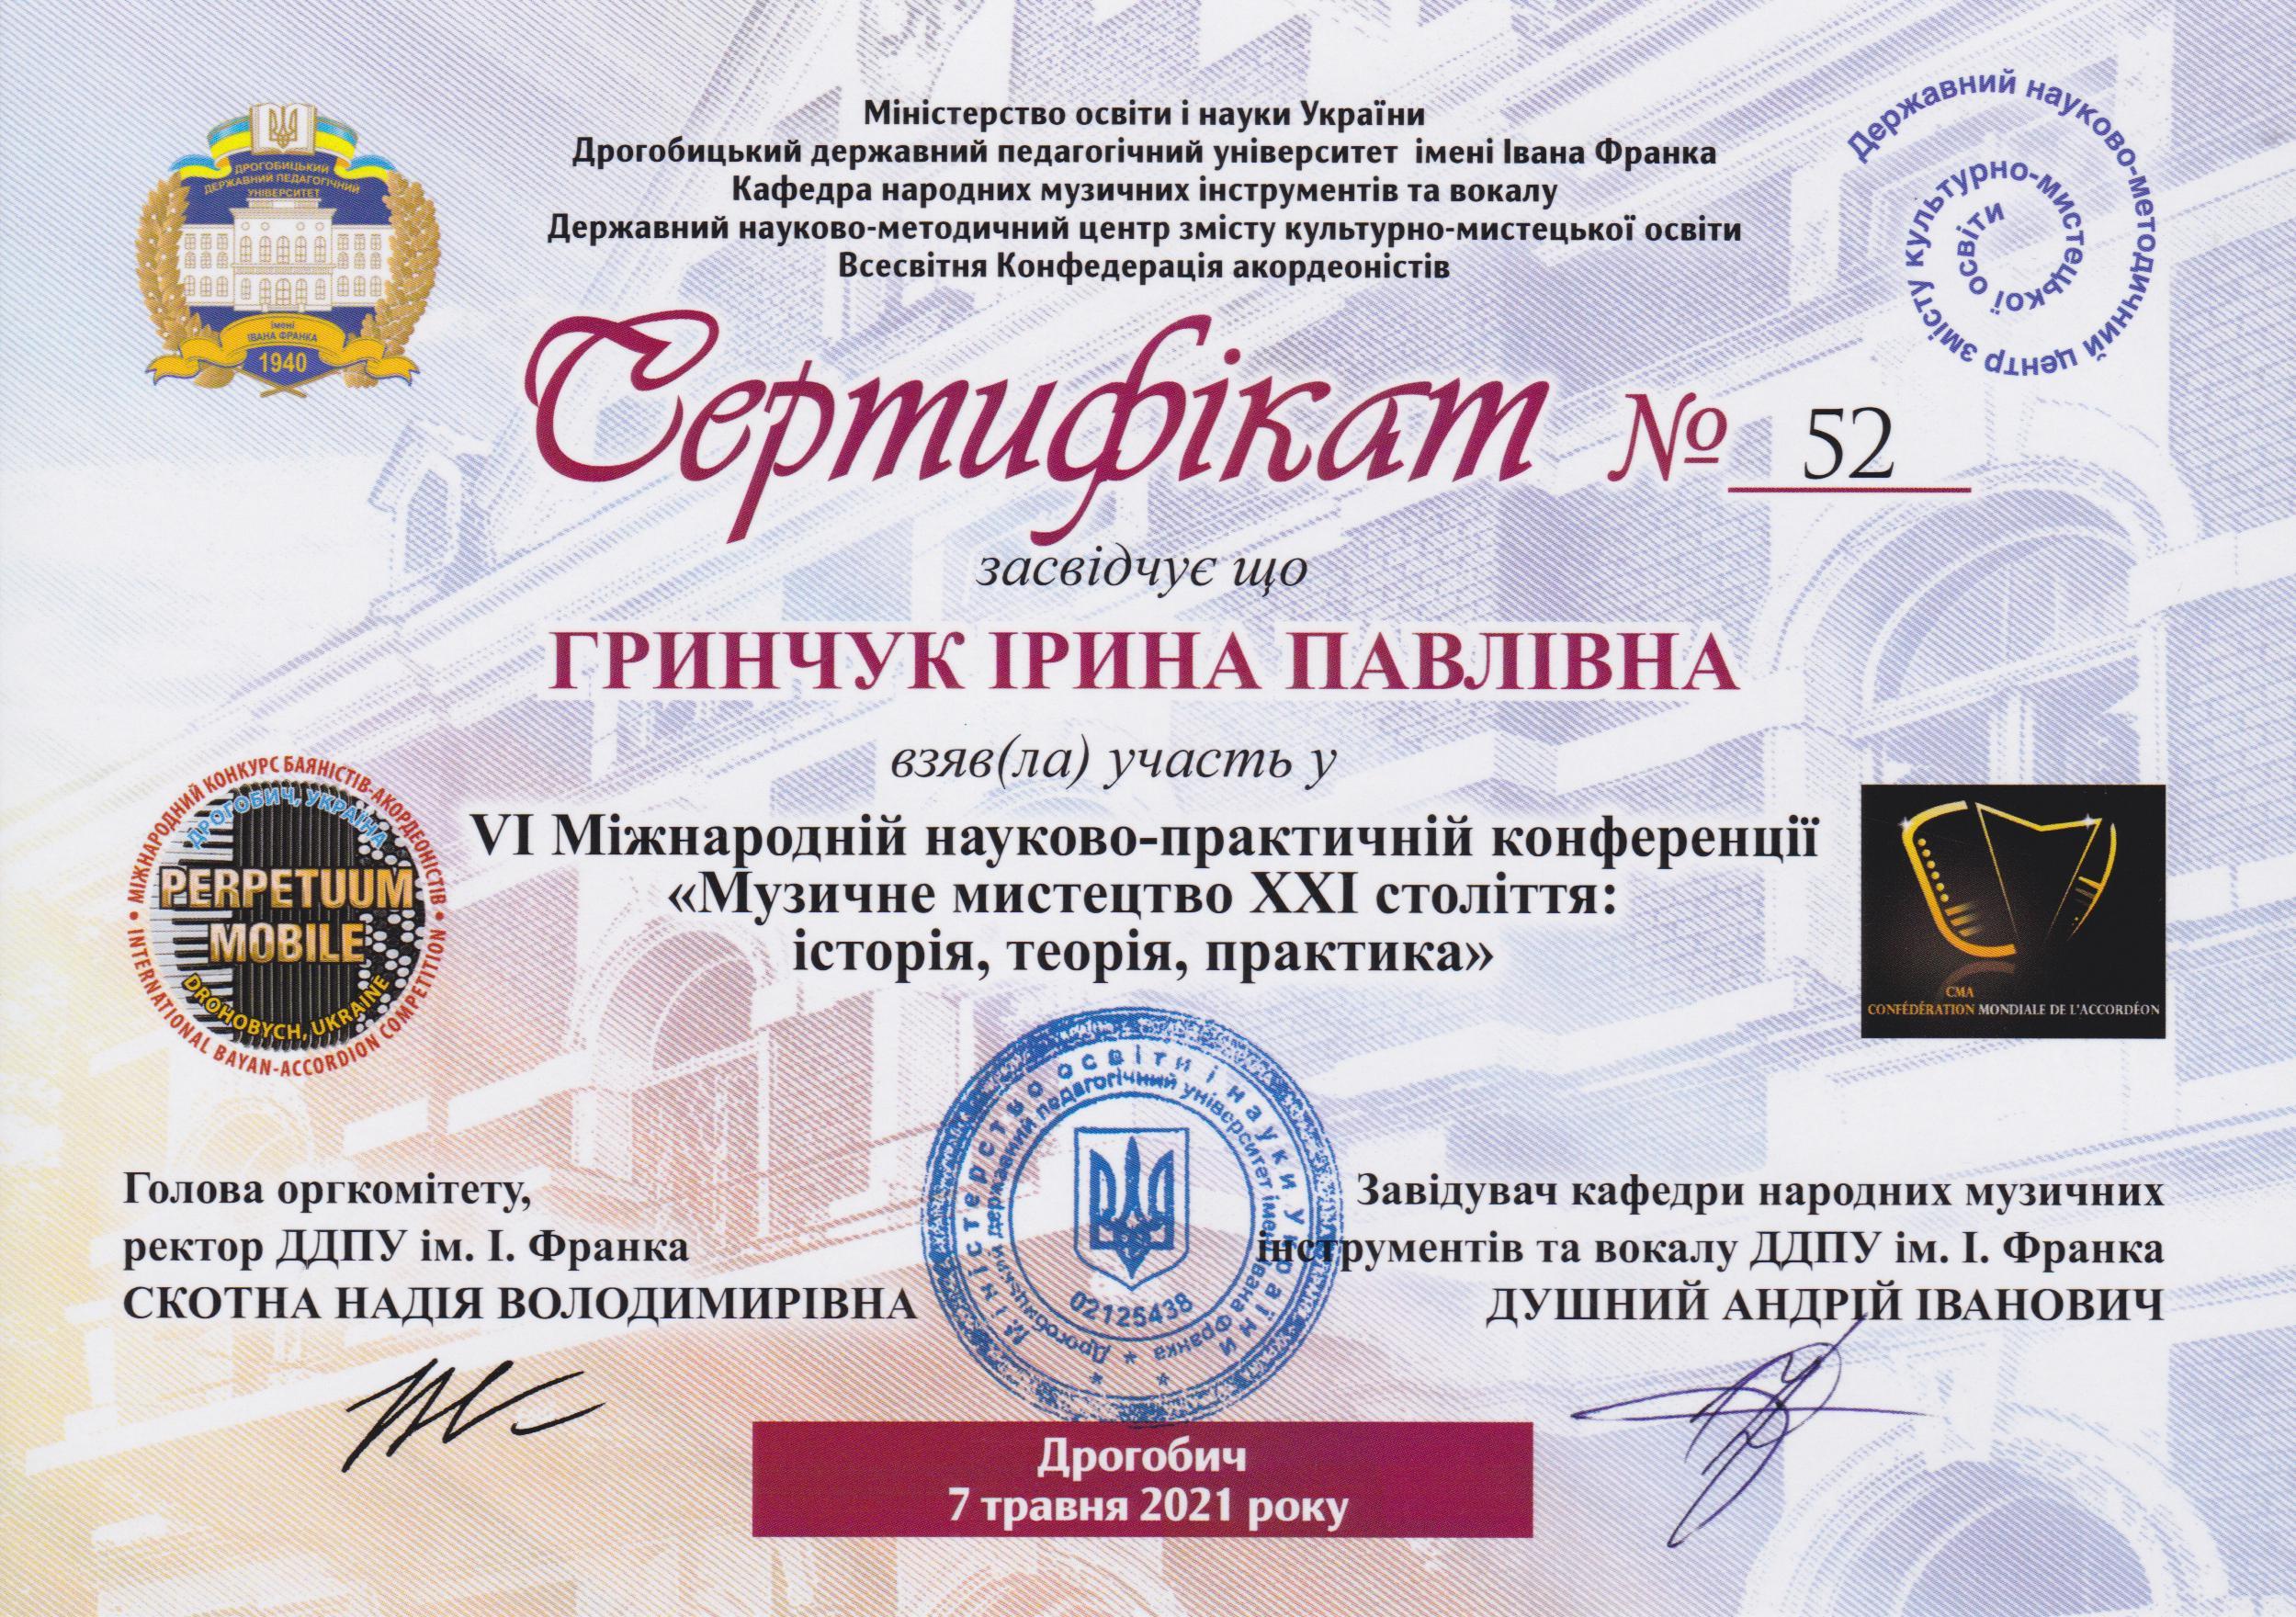 Сертифікат І.Гринчук